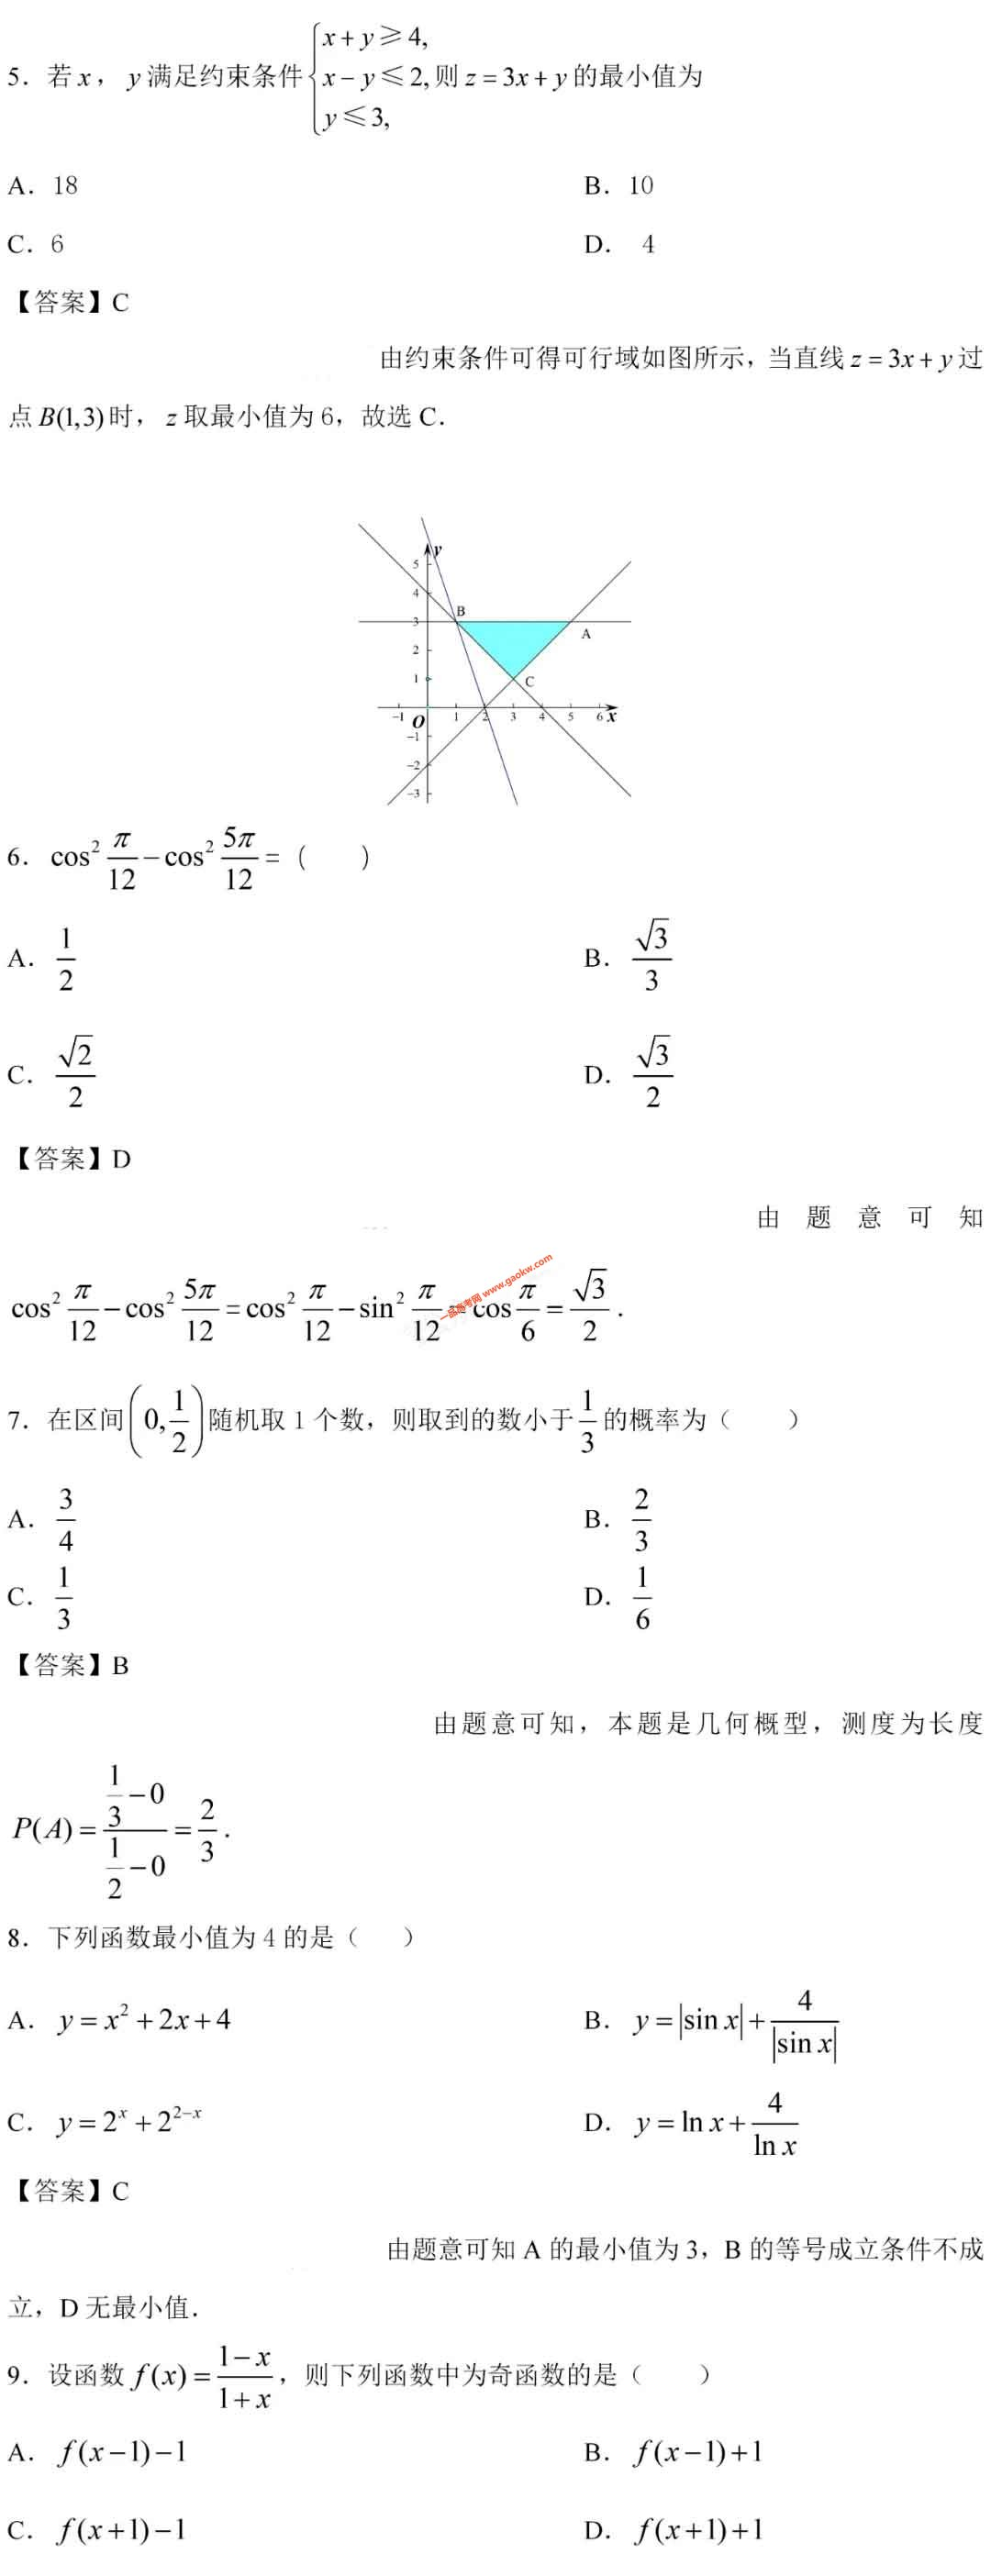 2021高考全国乙卷数学试题及答案(文科)2